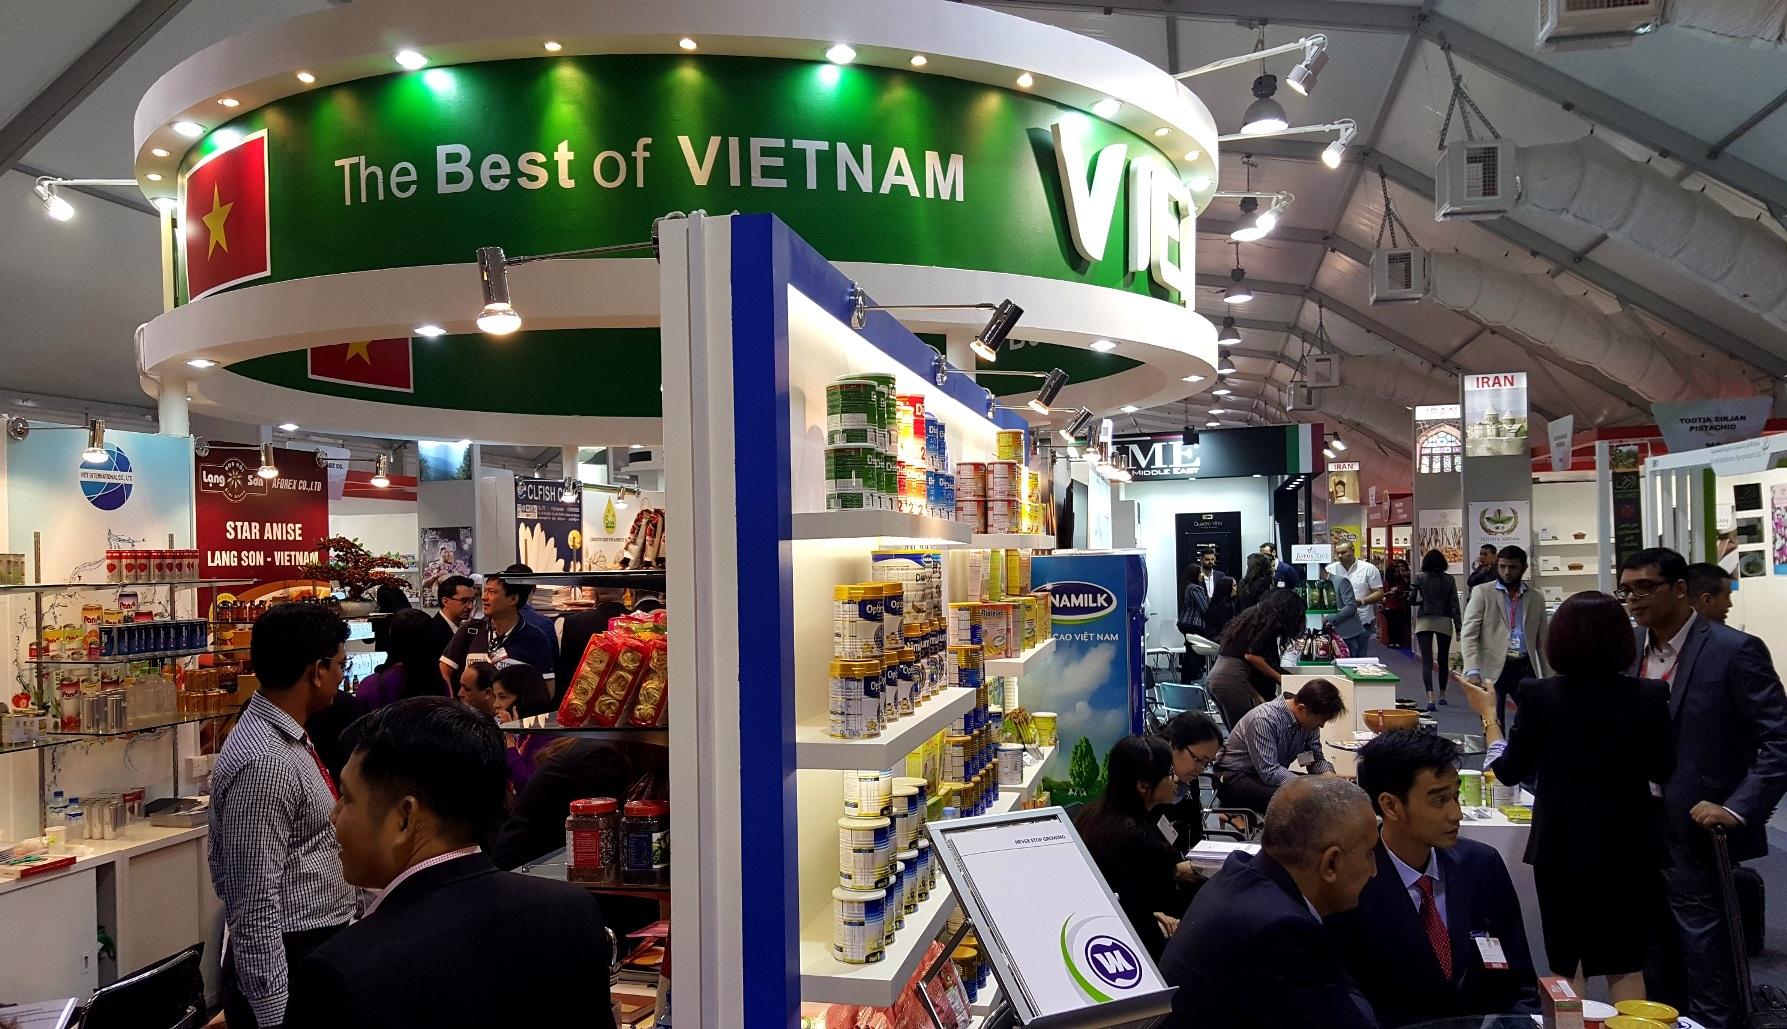 Khu vực gian hàng các doanh nghiệp Việt Nam tại hội chợ Gulfood 2016